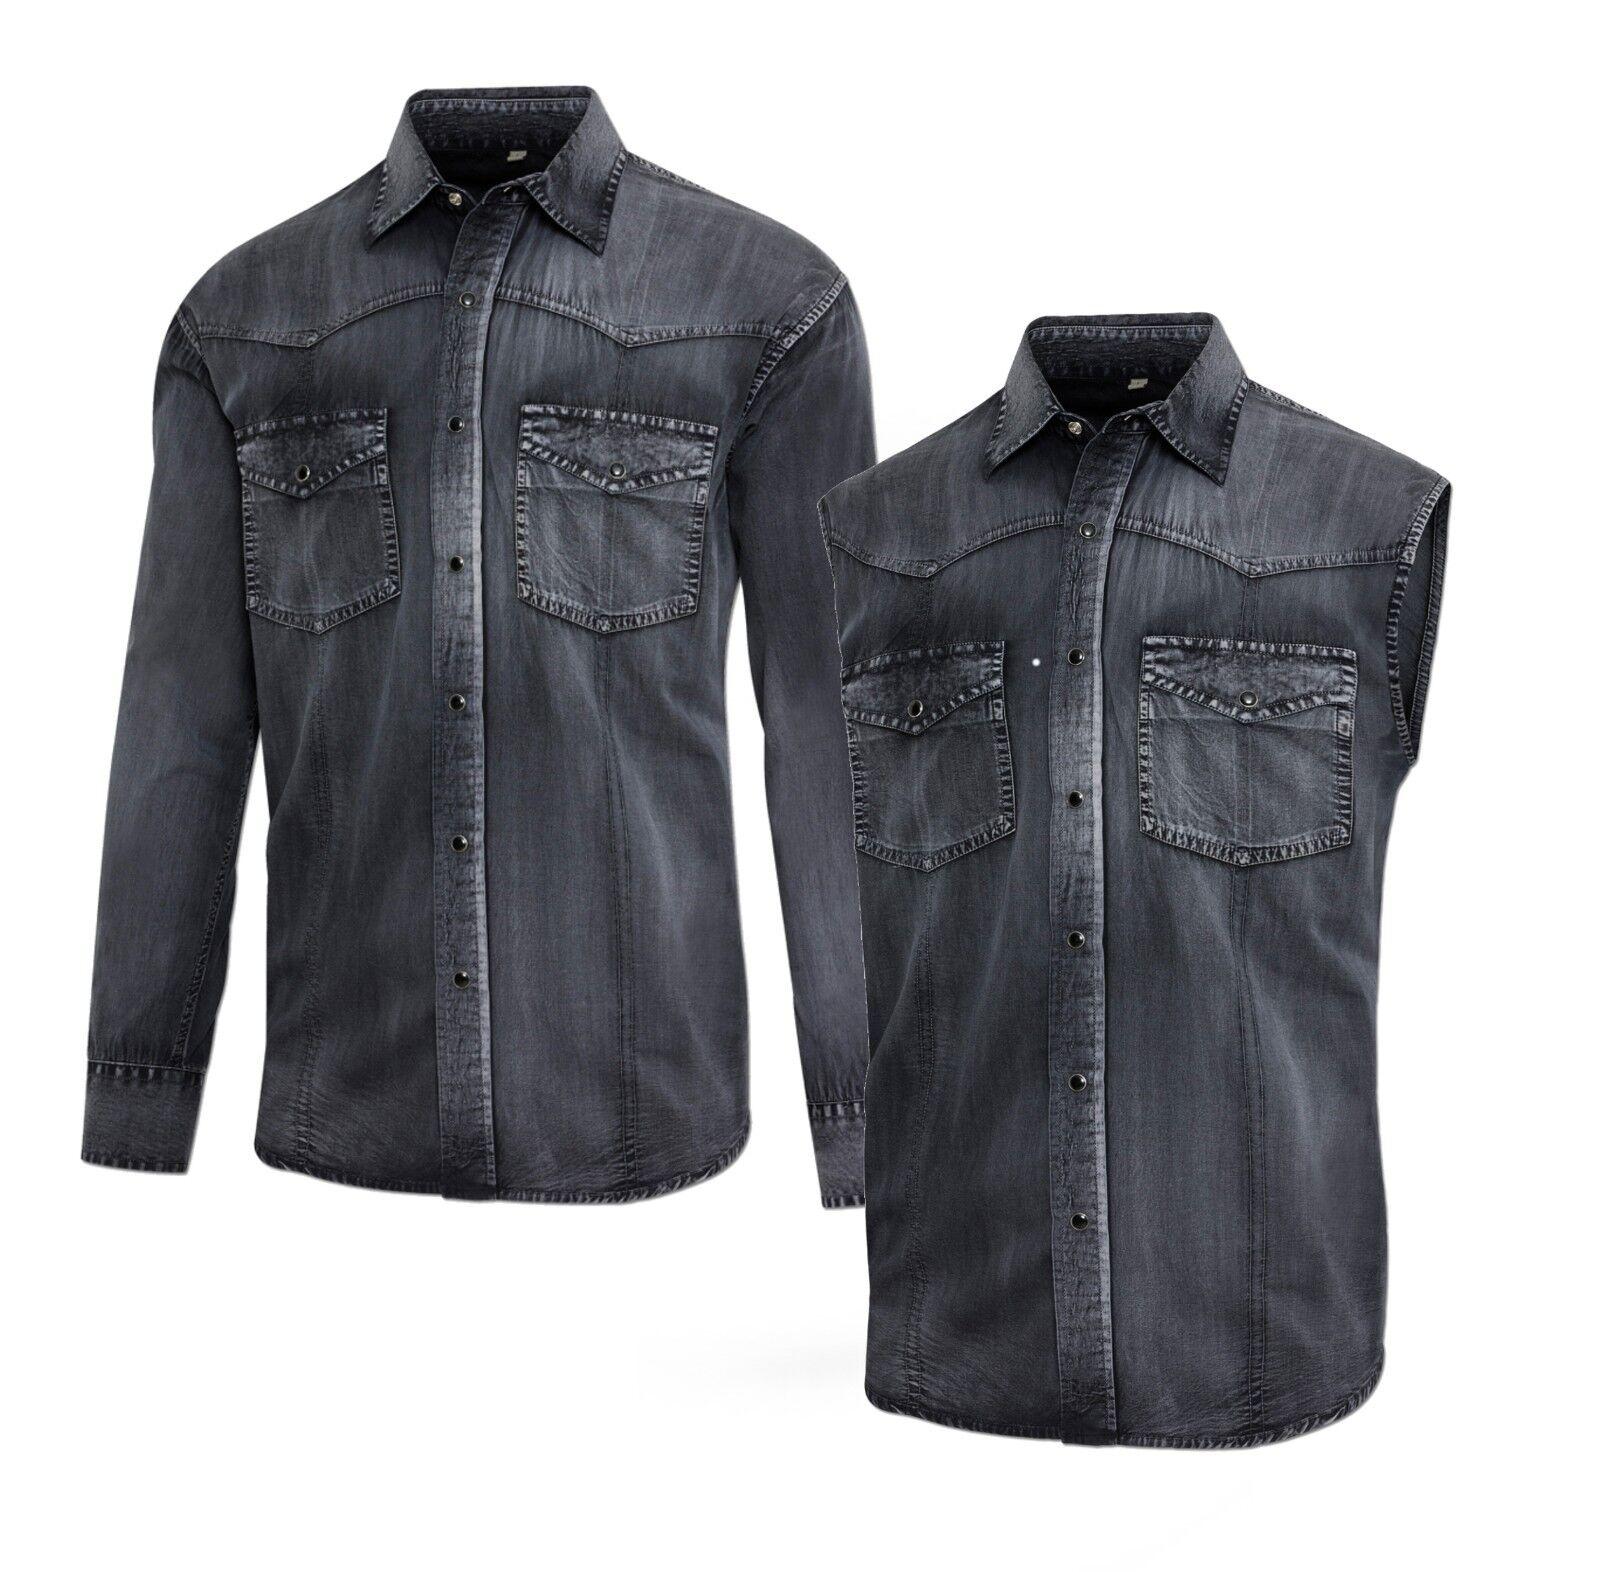 Stars & & & Stripes Herren-Westernhemd ENZO Westernkleidung Langarm oder Ärmelfrei | Schönes Design  aca7e5